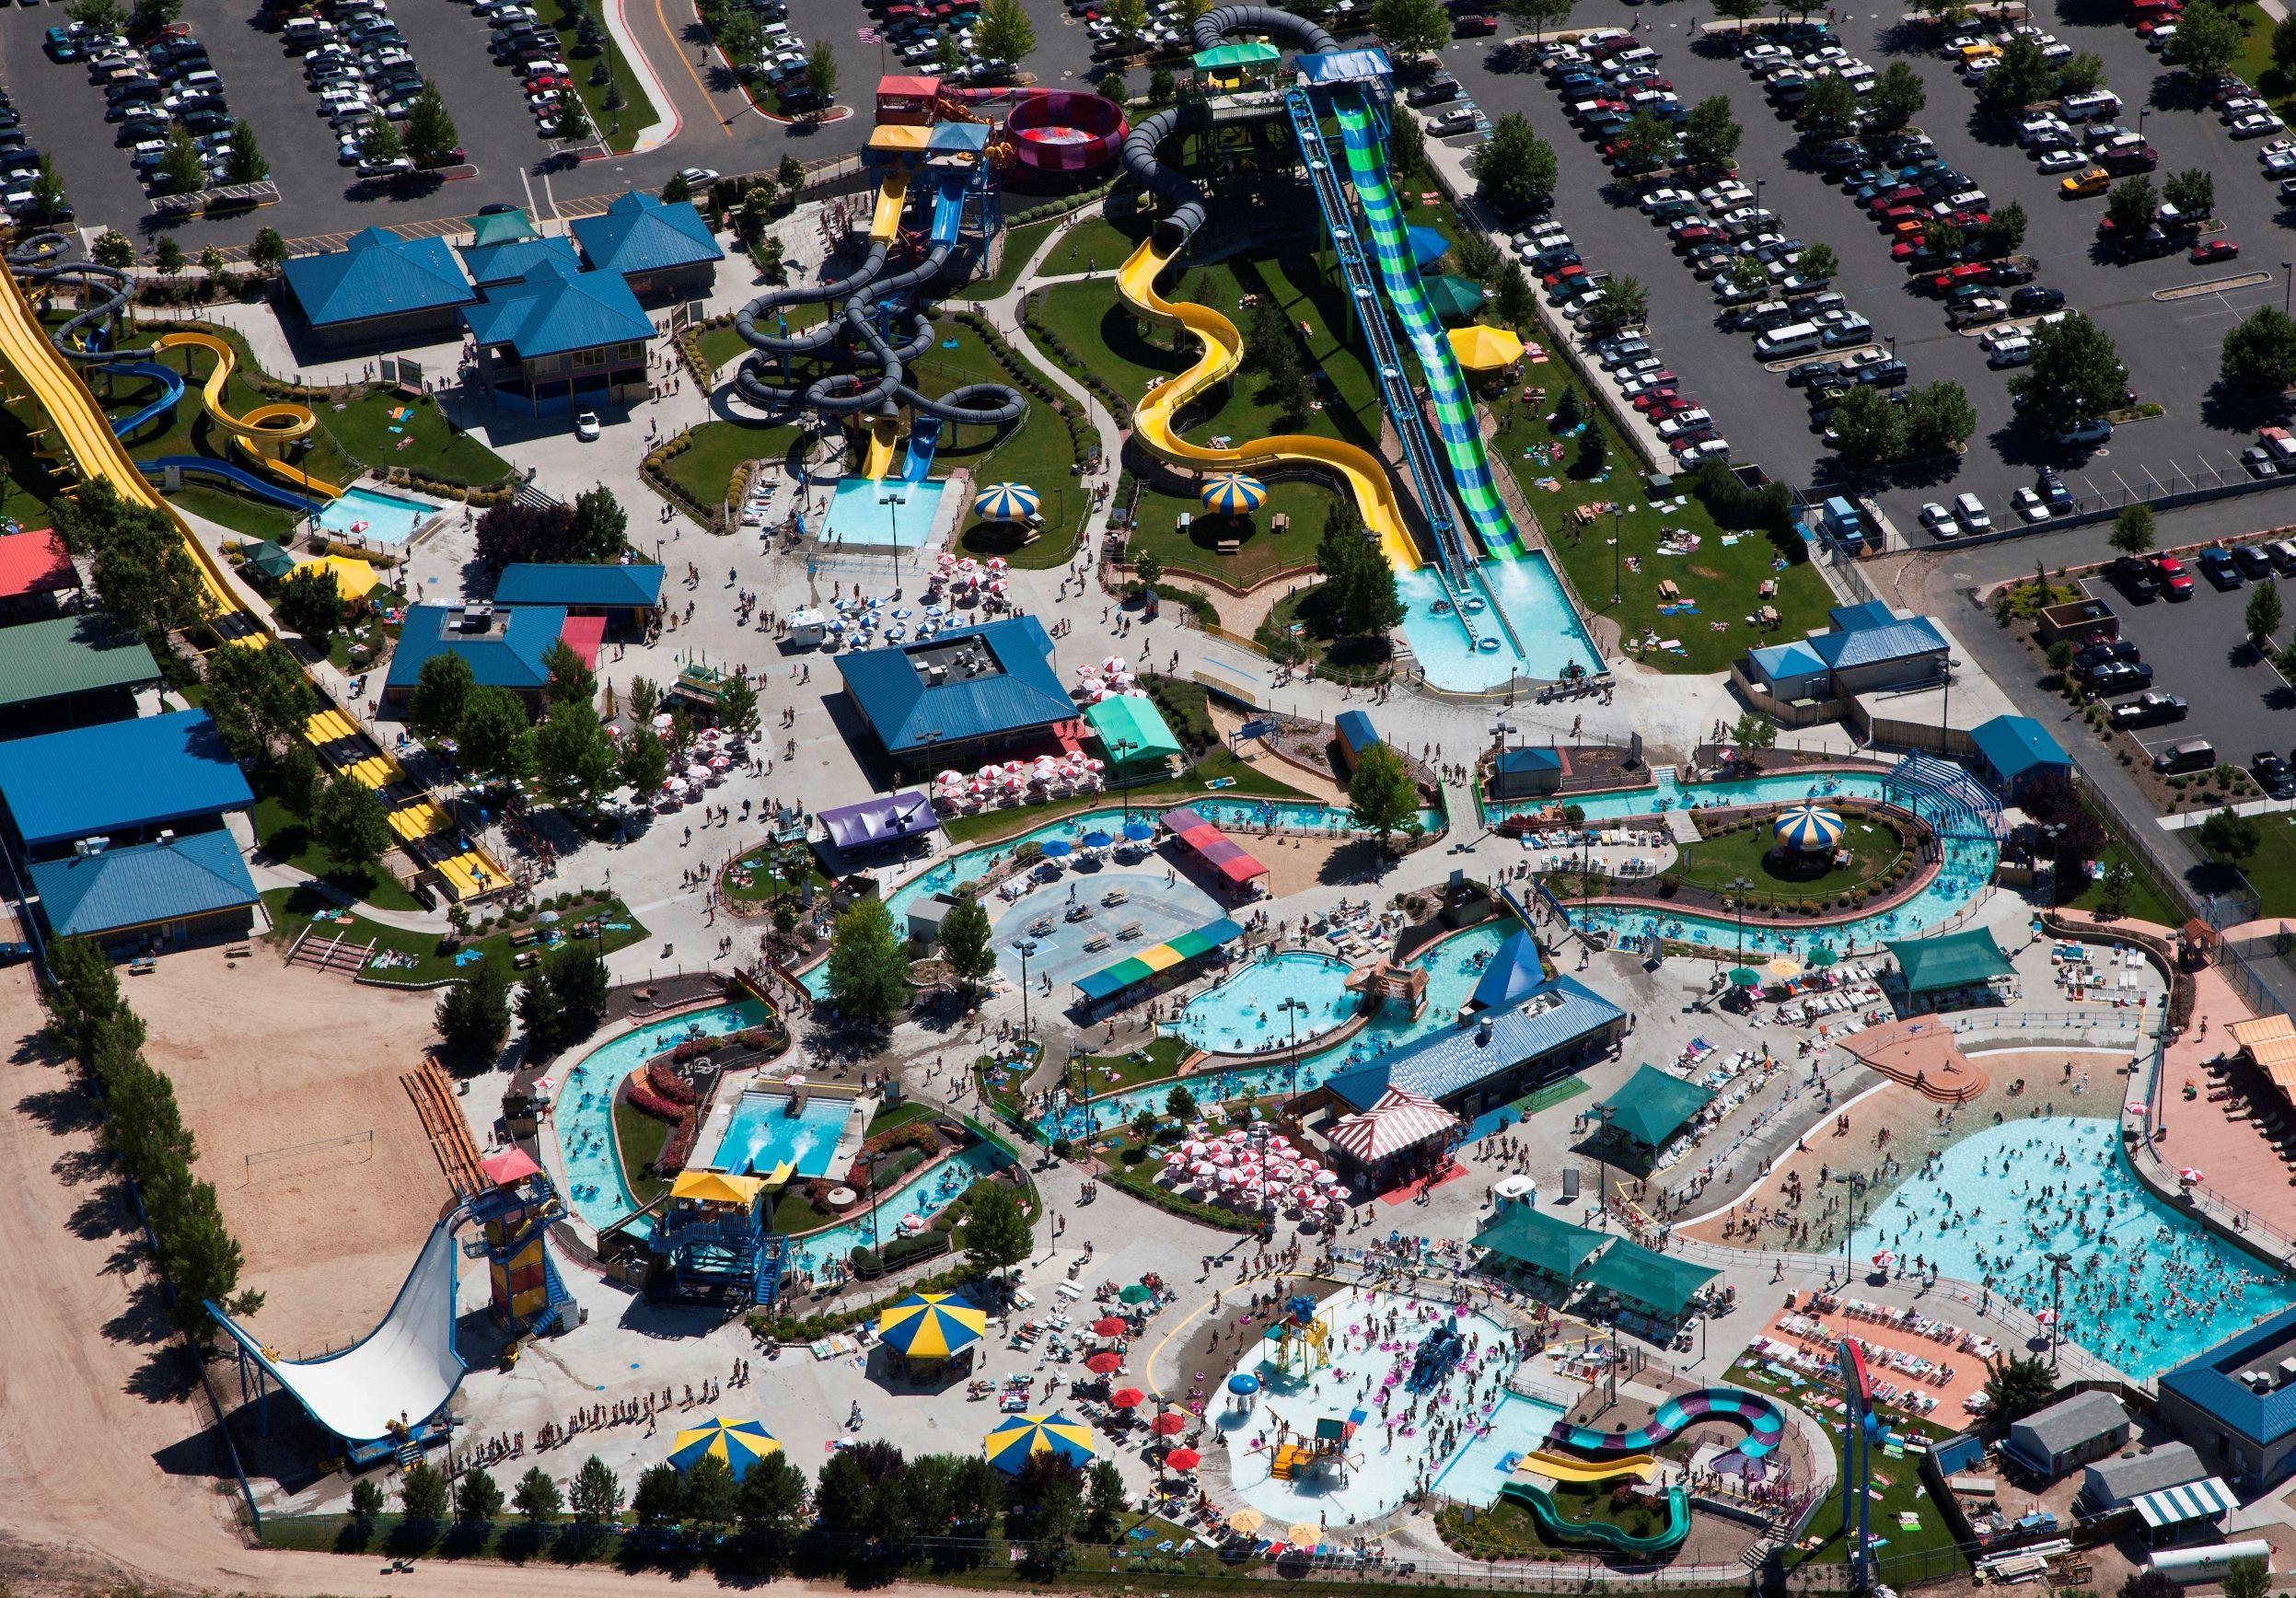 Aerial shot of Roaring Springs Water Park in Meridian, ID